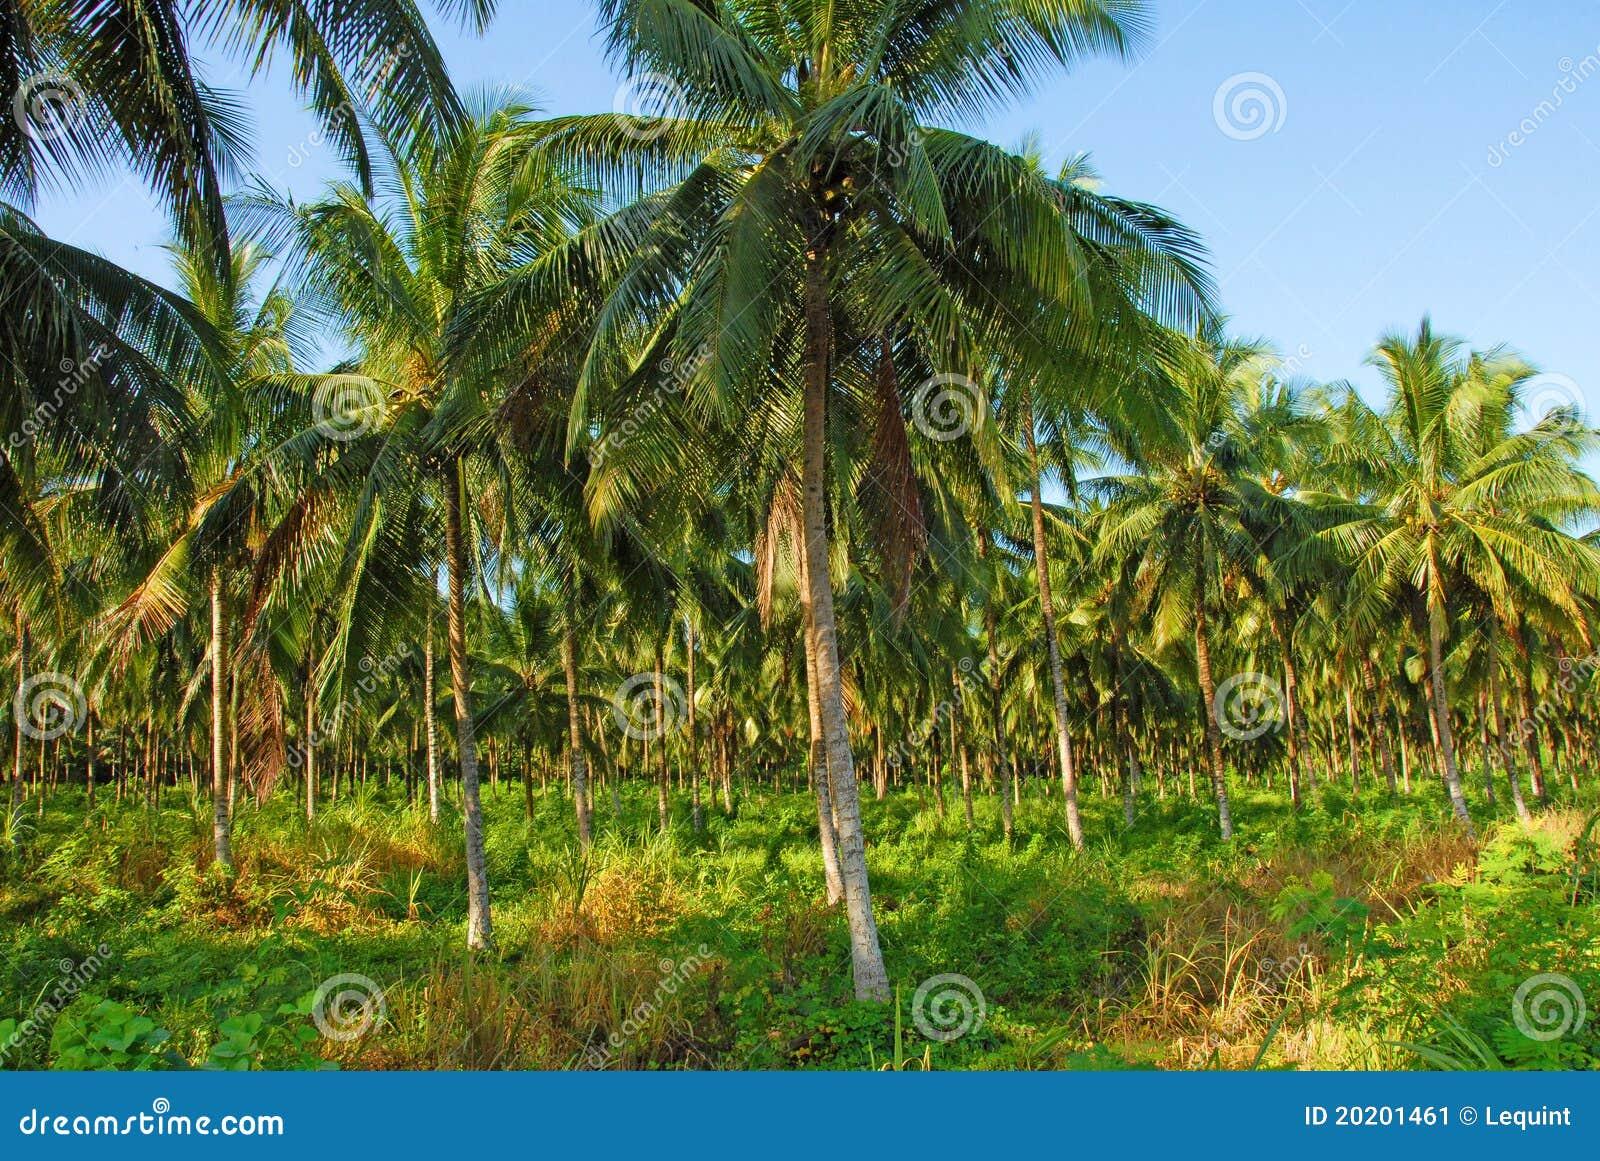 椰子树丛图片